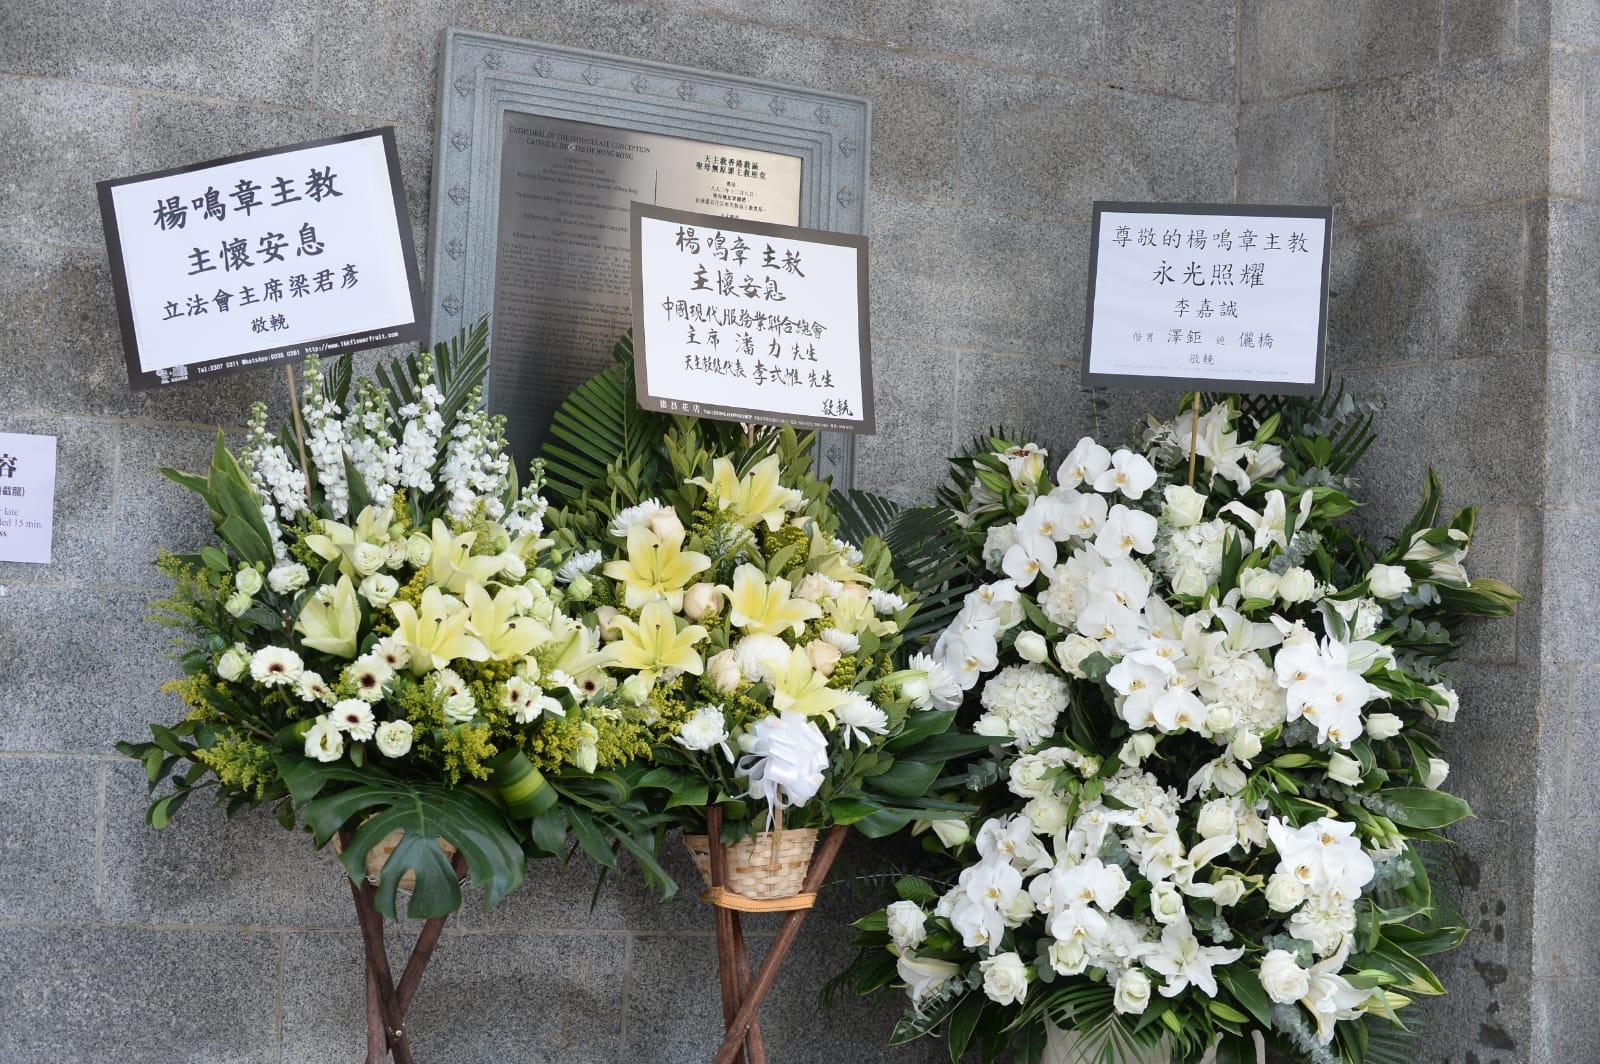 長和系前主席李嘉誠偕長子李澤鉅夫婦致送花圈(右)。